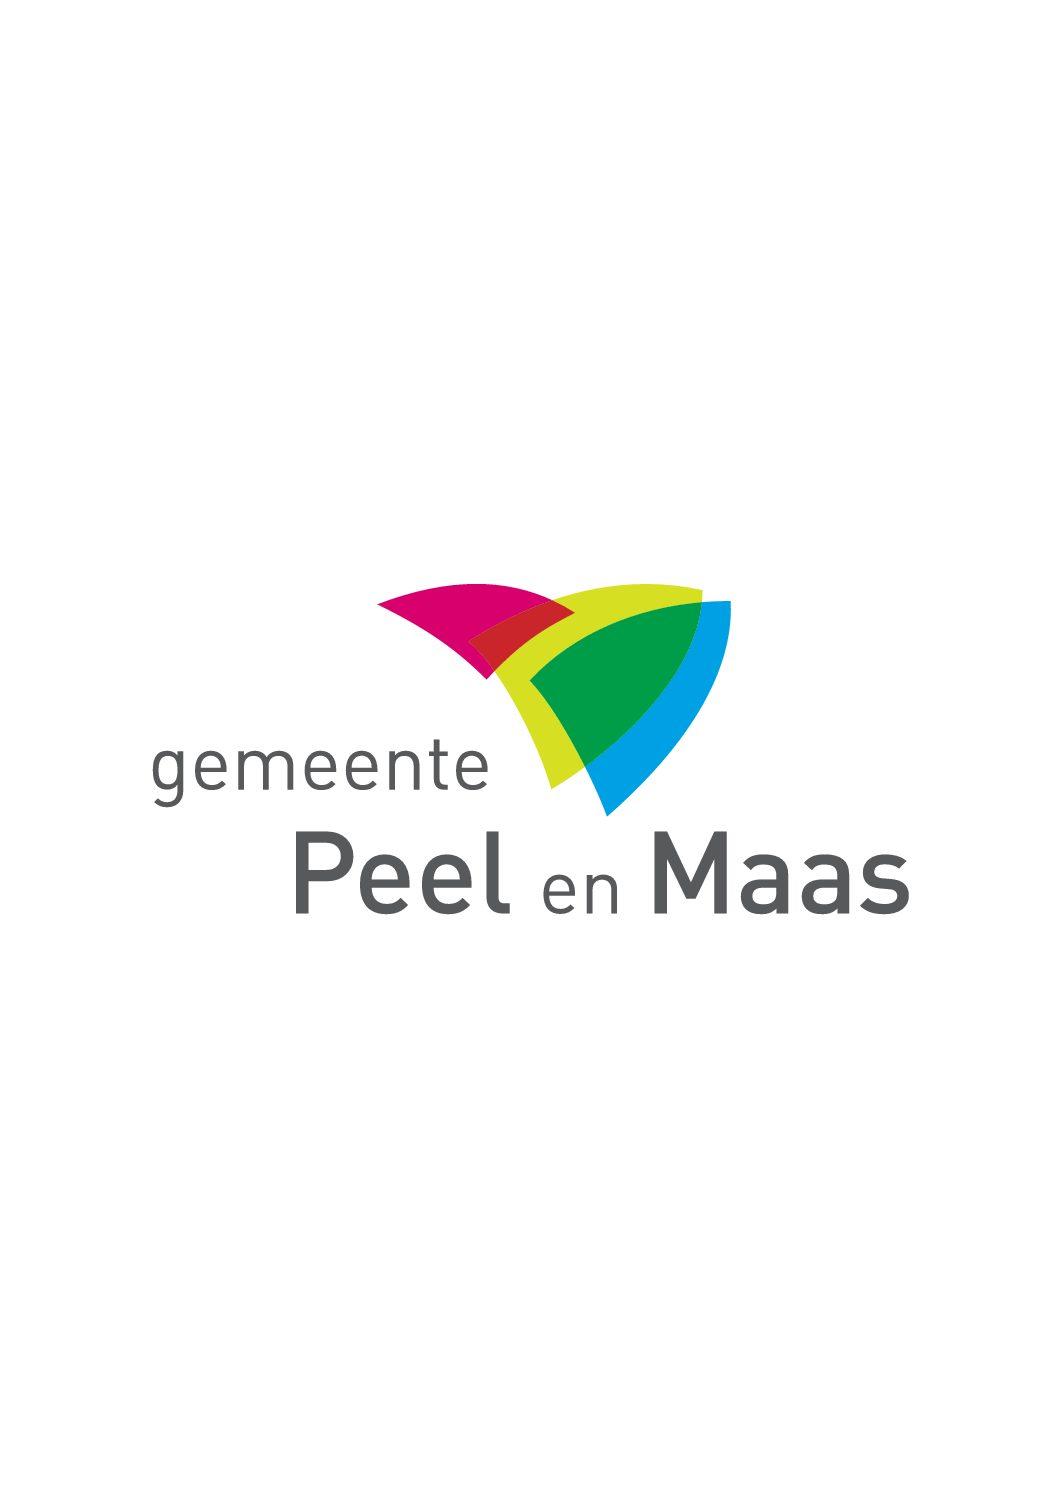 Logo Gemeente Peel en Maas